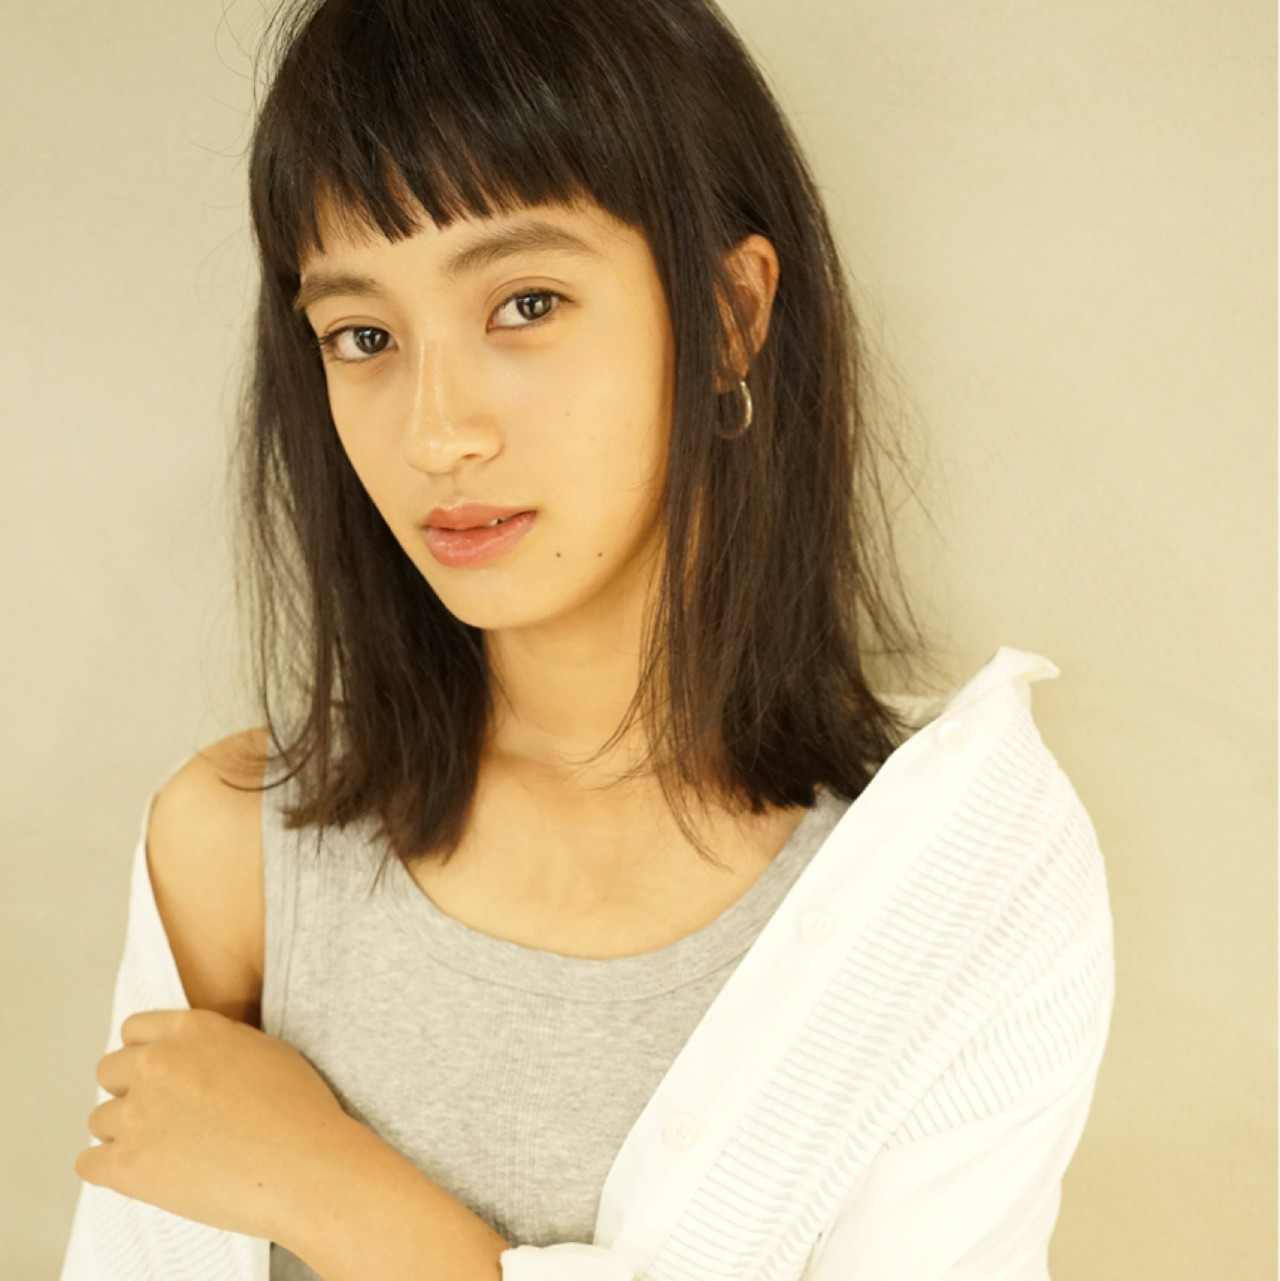 ミディアム 抜け感 くせ毛風 アンニュイ ヘアスタイルや髪型の写真・画像   佐野 正人 / nanuk / nanuk